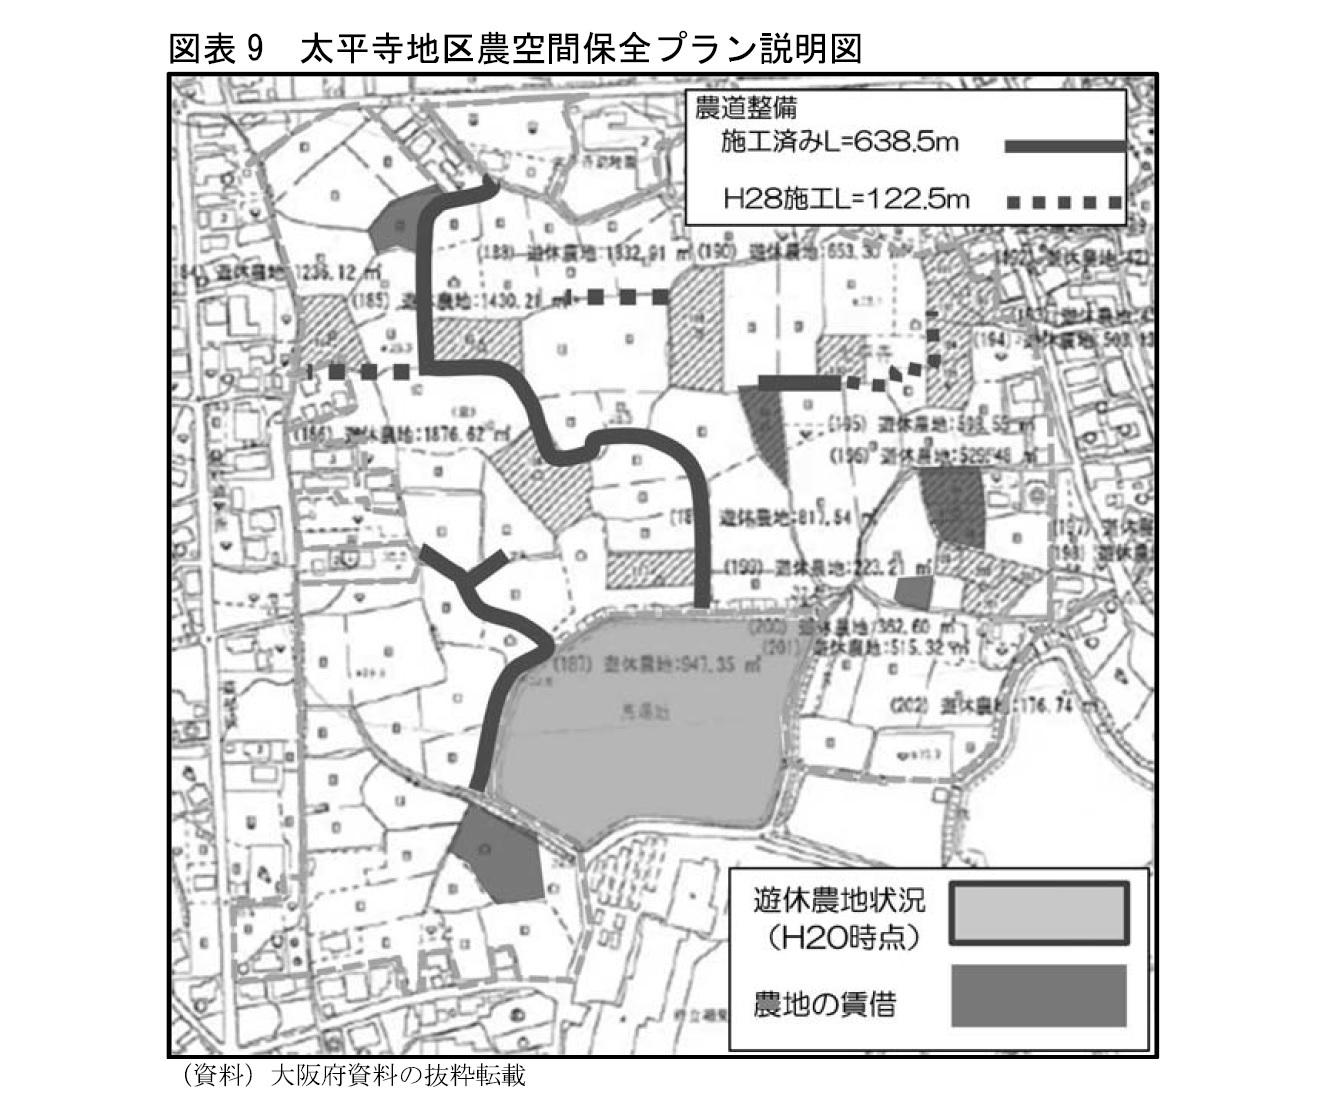 図表9 太平寺地区農空間保全プラン説明図